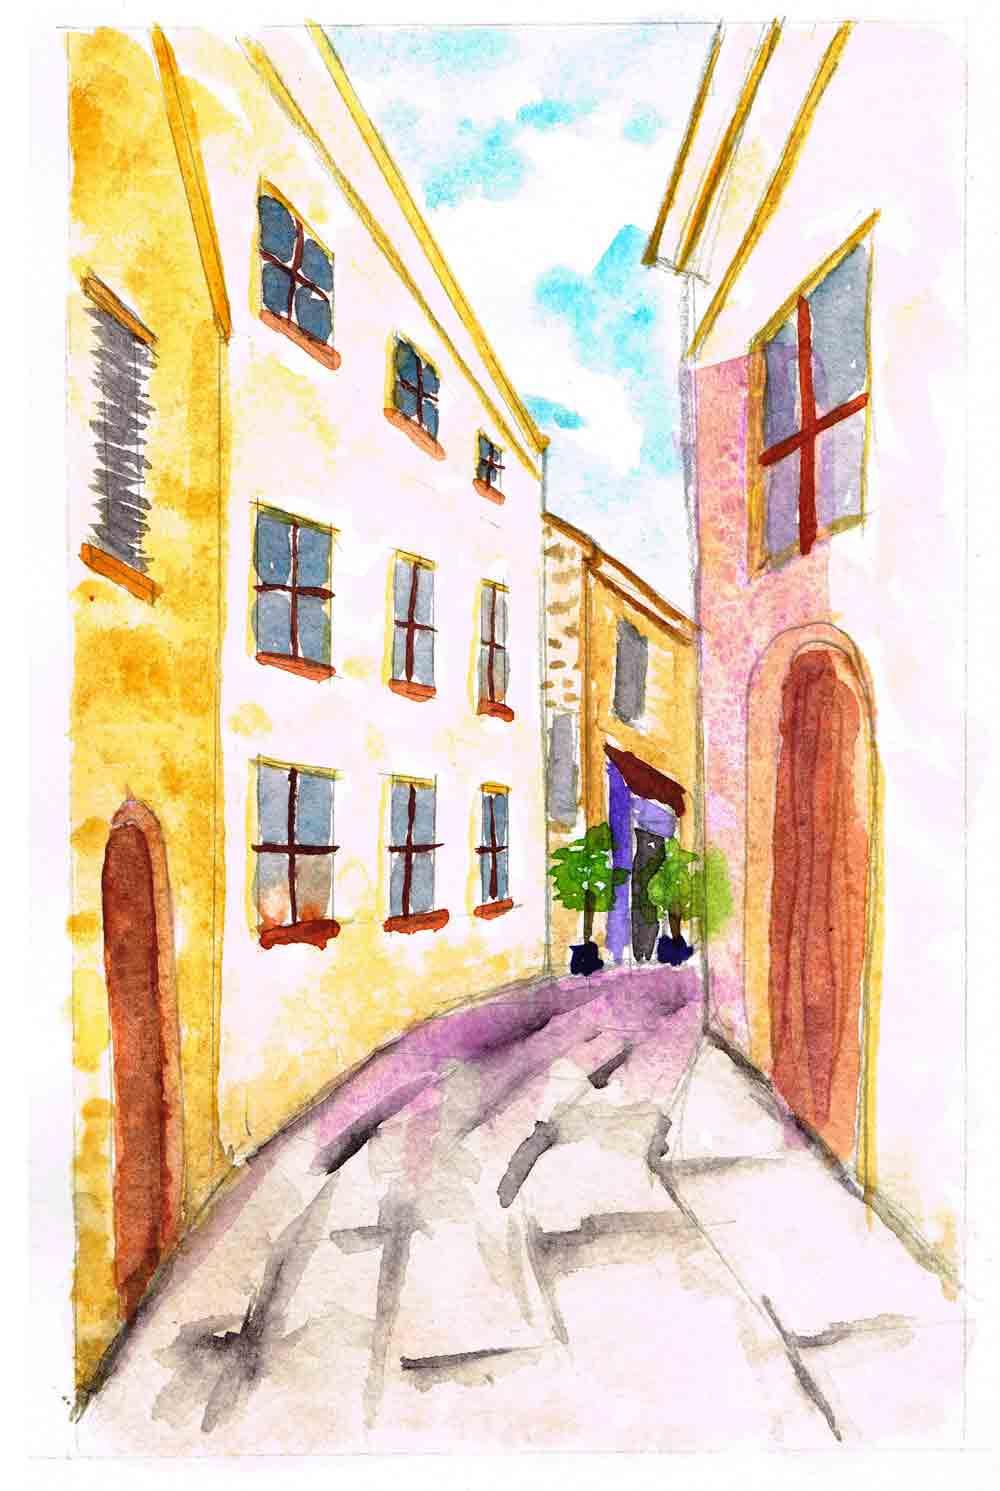 Sketching-buildings-8-In-the-Lanes-kw.jpg